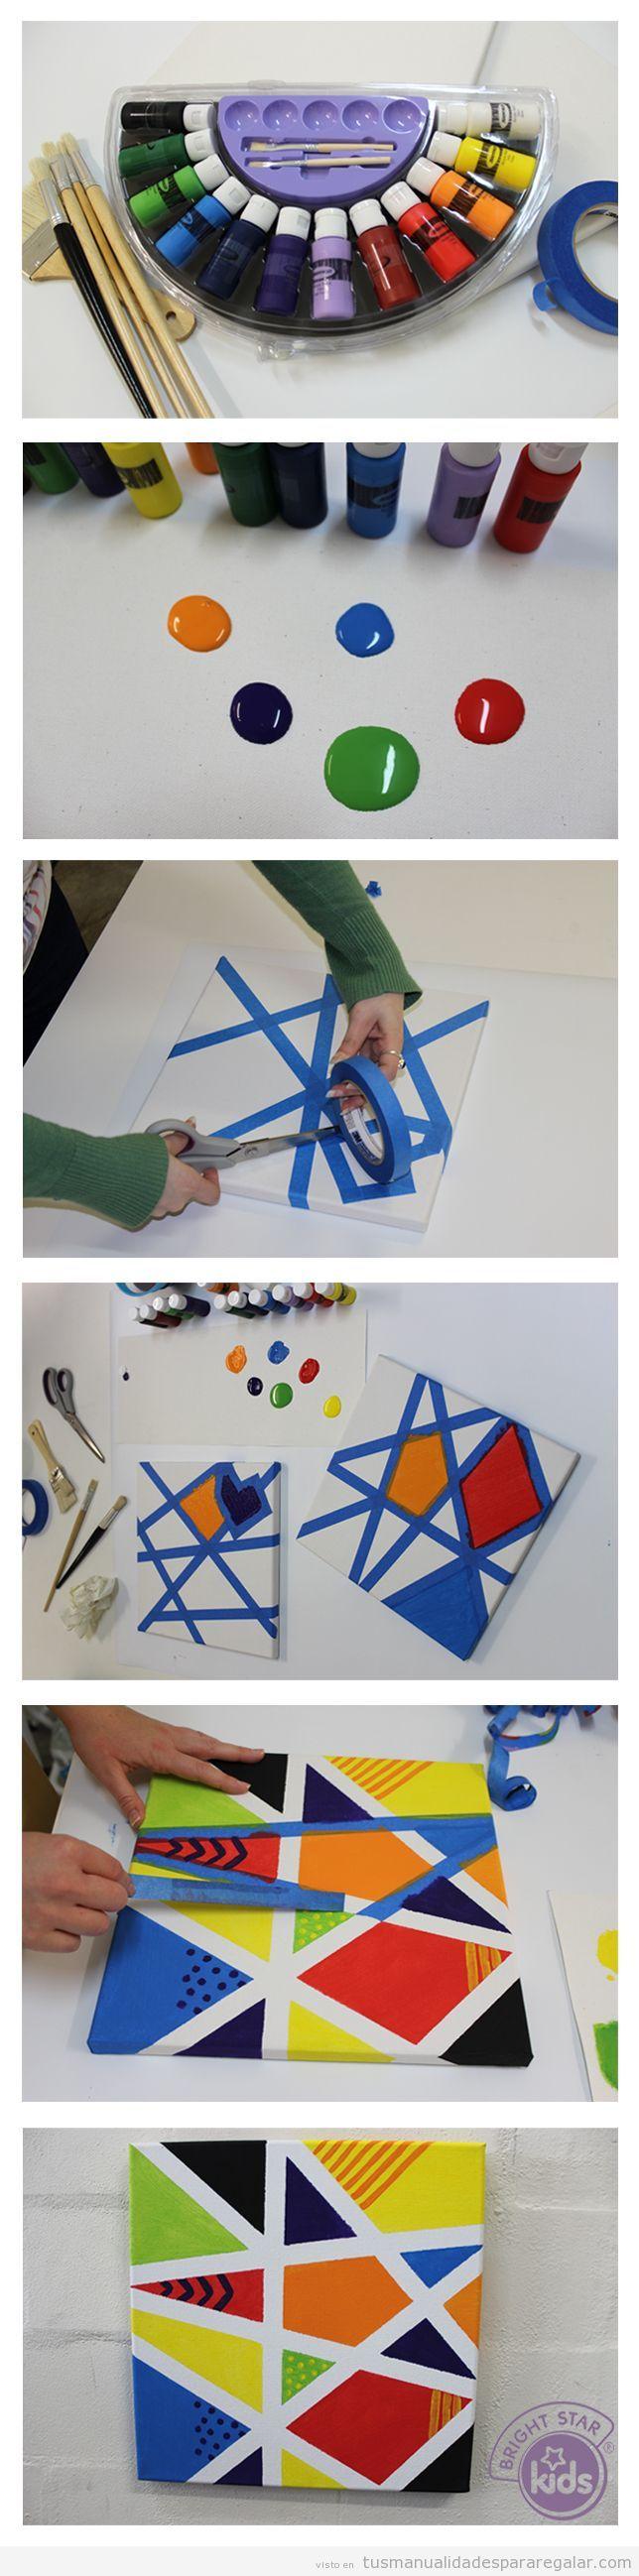 Cuadro original, manualidades hechas por niños para regalar